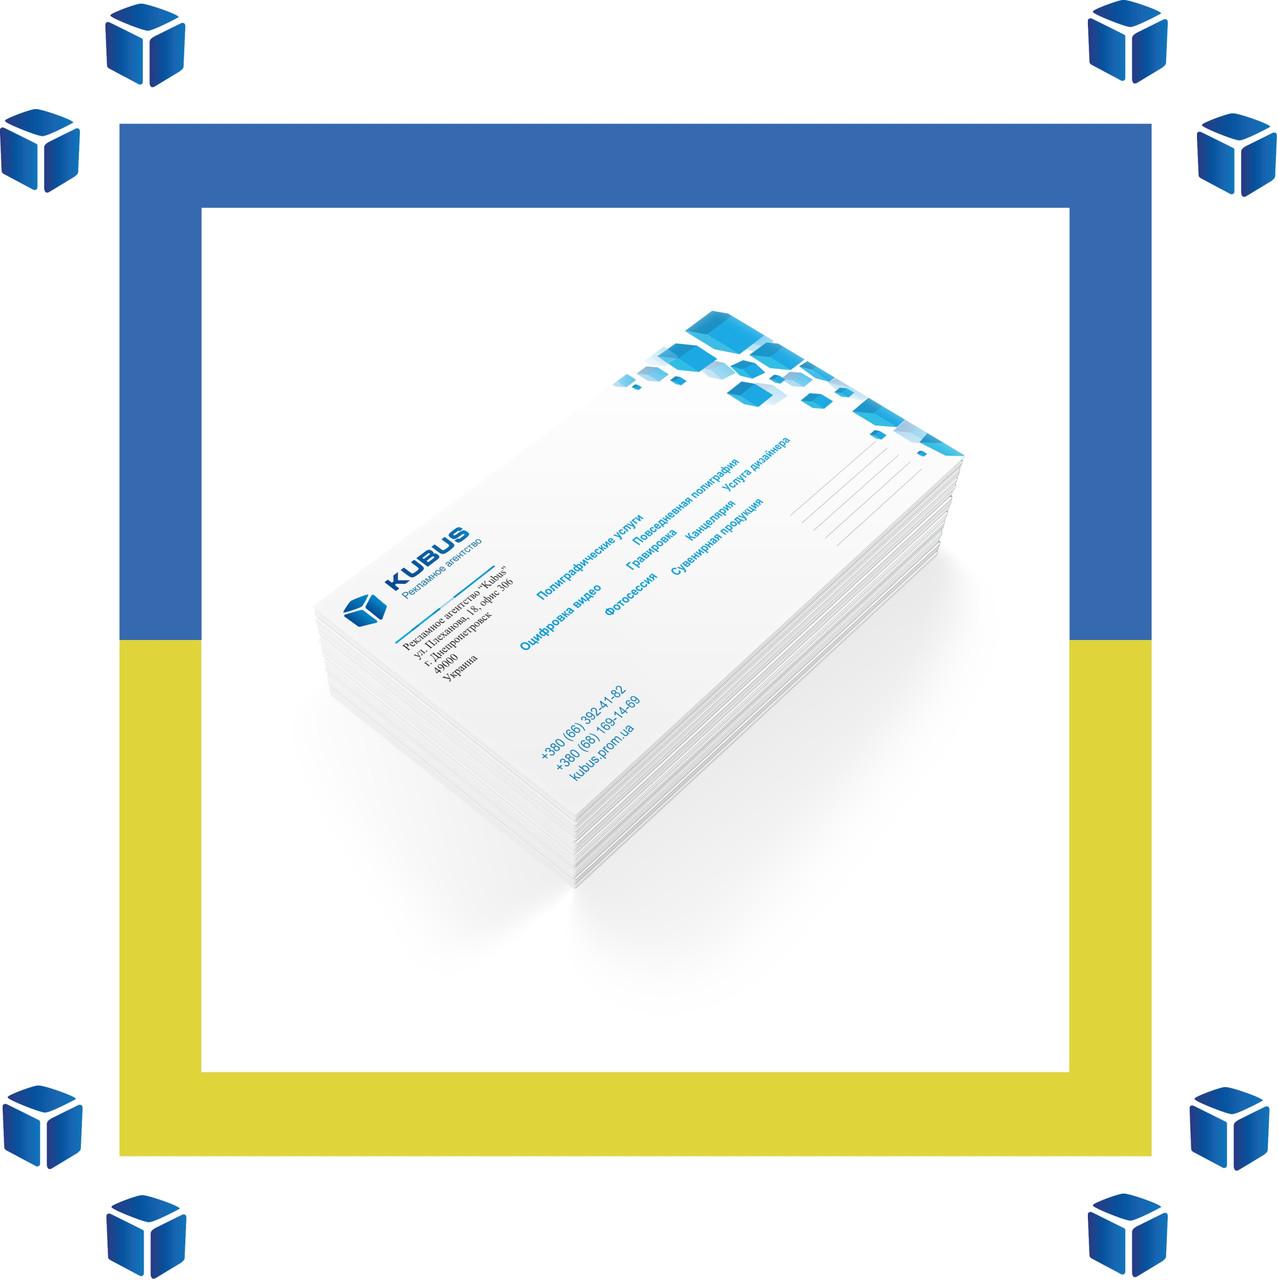 Печать на конвертах формата С5 4+4 (цветные двусторонние) Онлайн